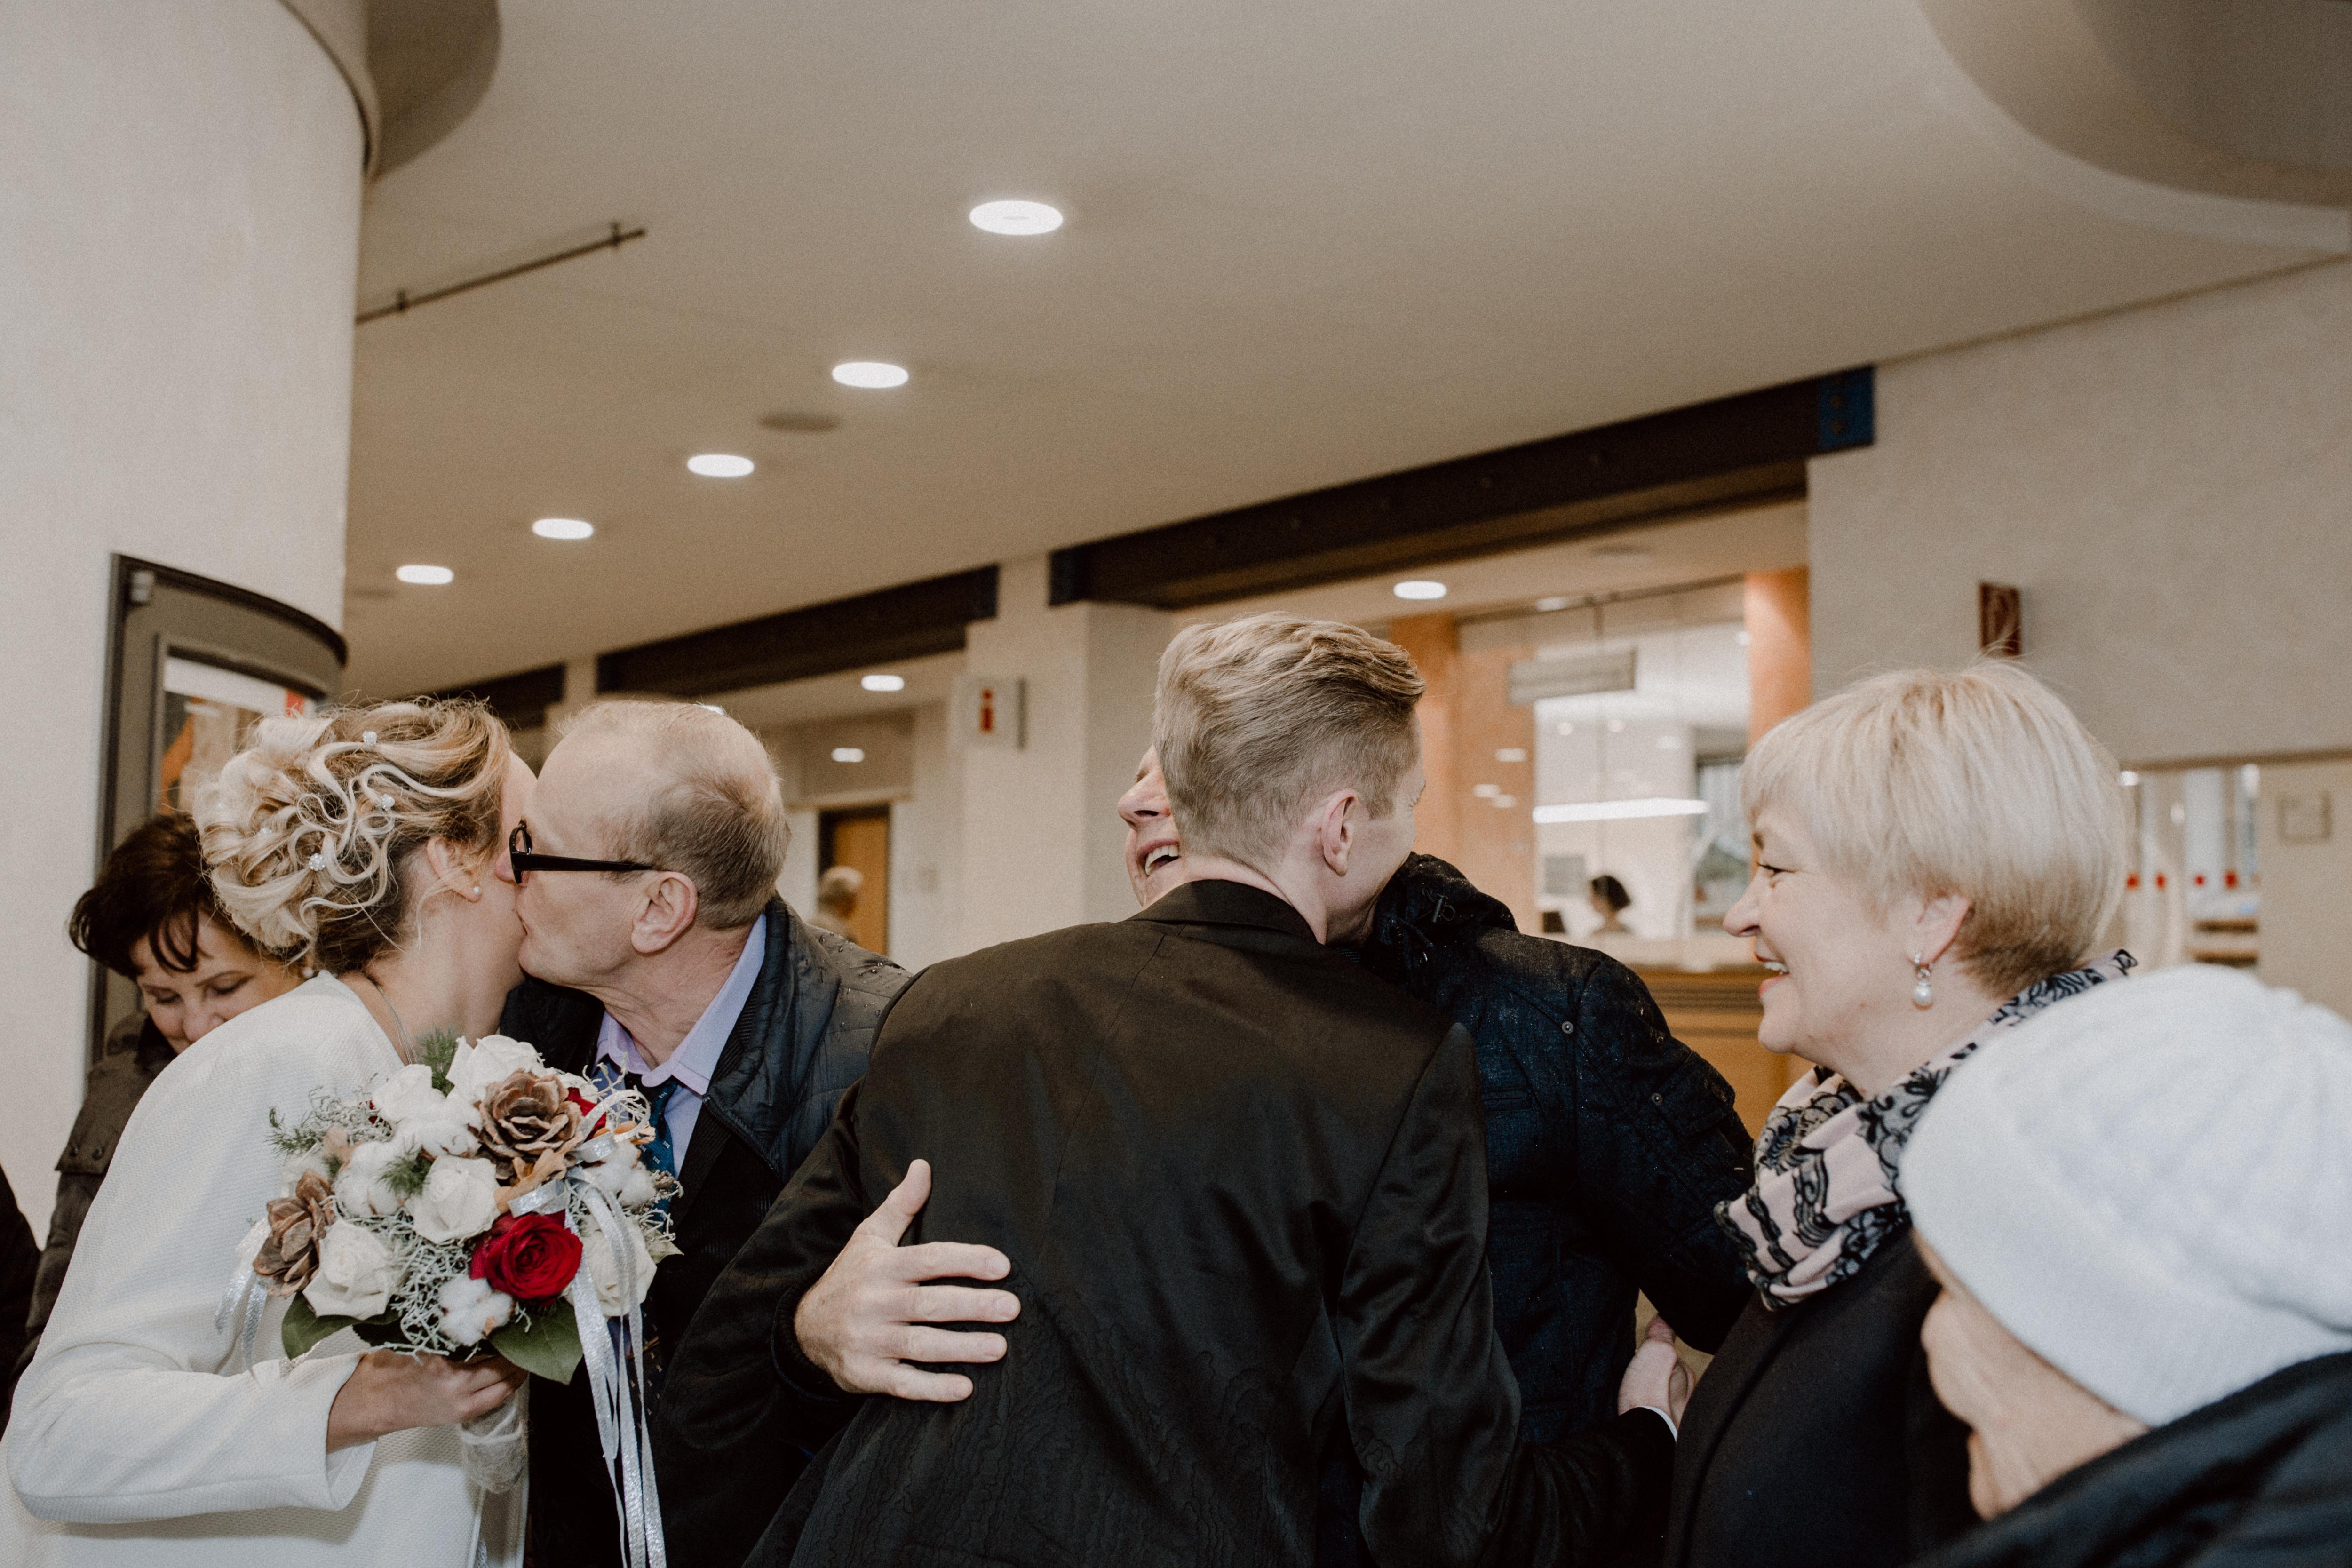 URBANERIE_Daniela_Goth_Hochzeitsfotografin_Nürnberg_Fürth_Erlangen_Schwabach_171110_0023